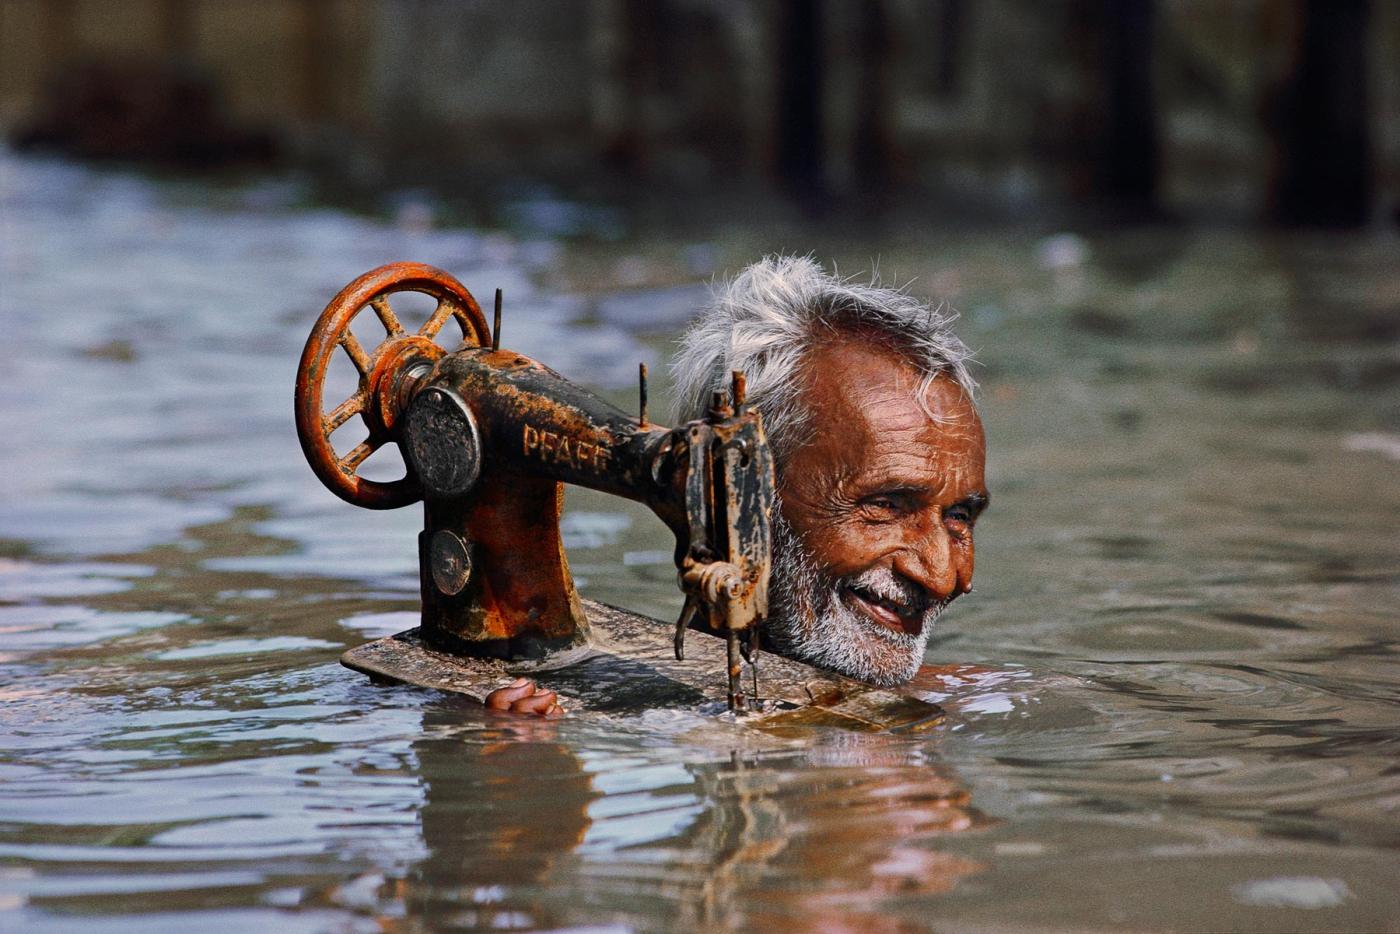 【攝影蟲】殿堂級的攝影記者 Steve McCurry_图1-3